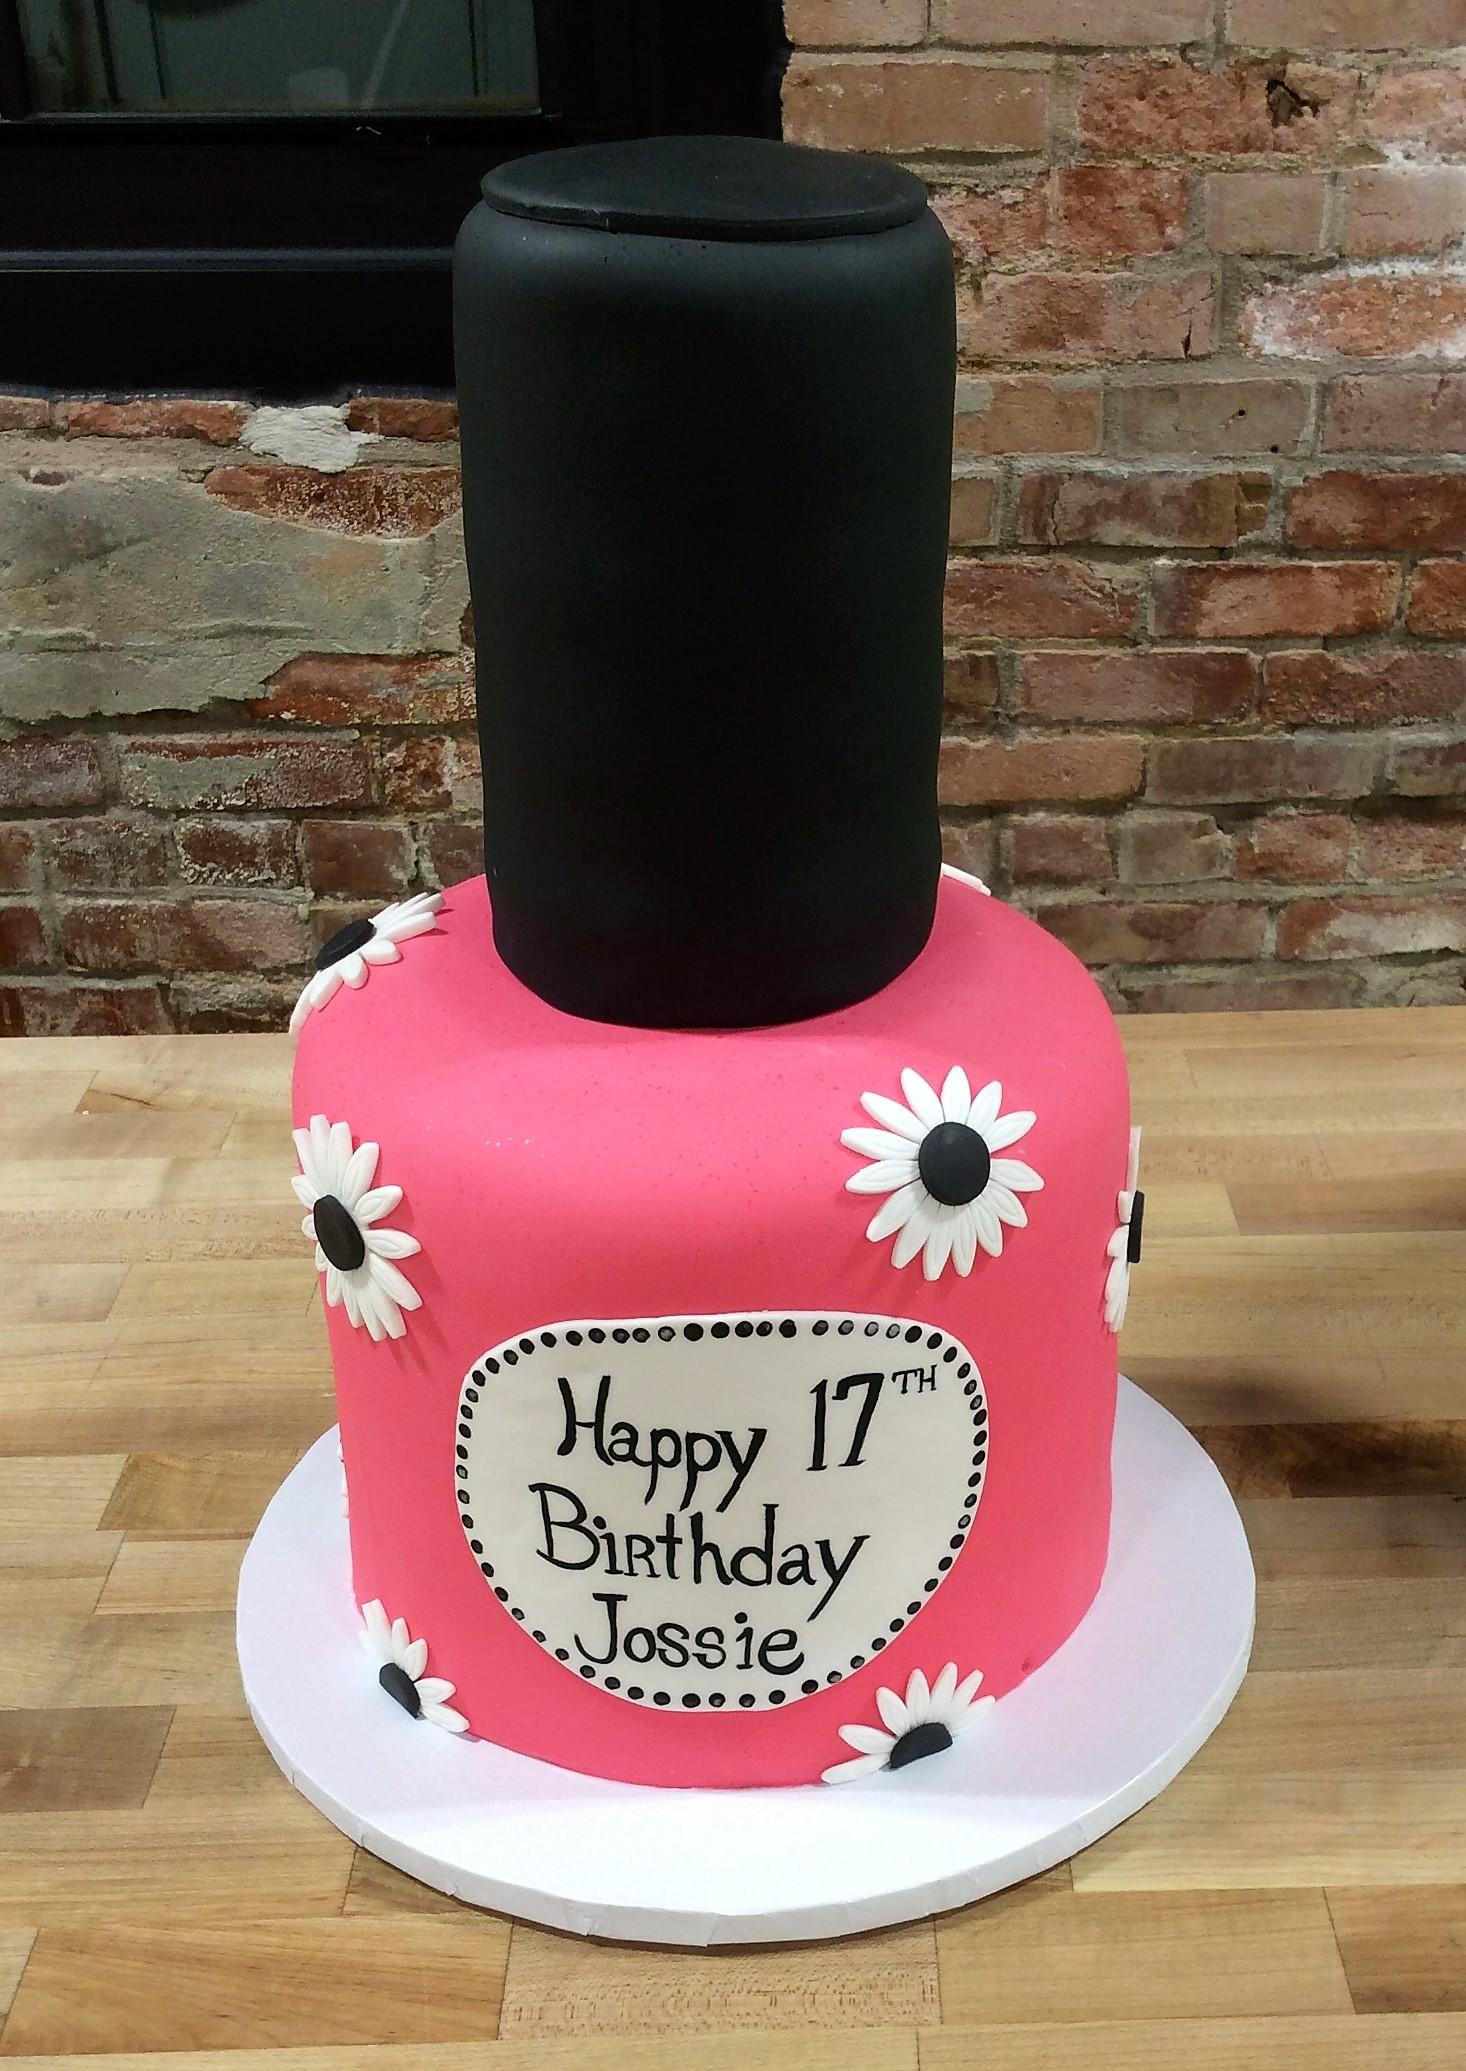 nail polish bottle shaped cake